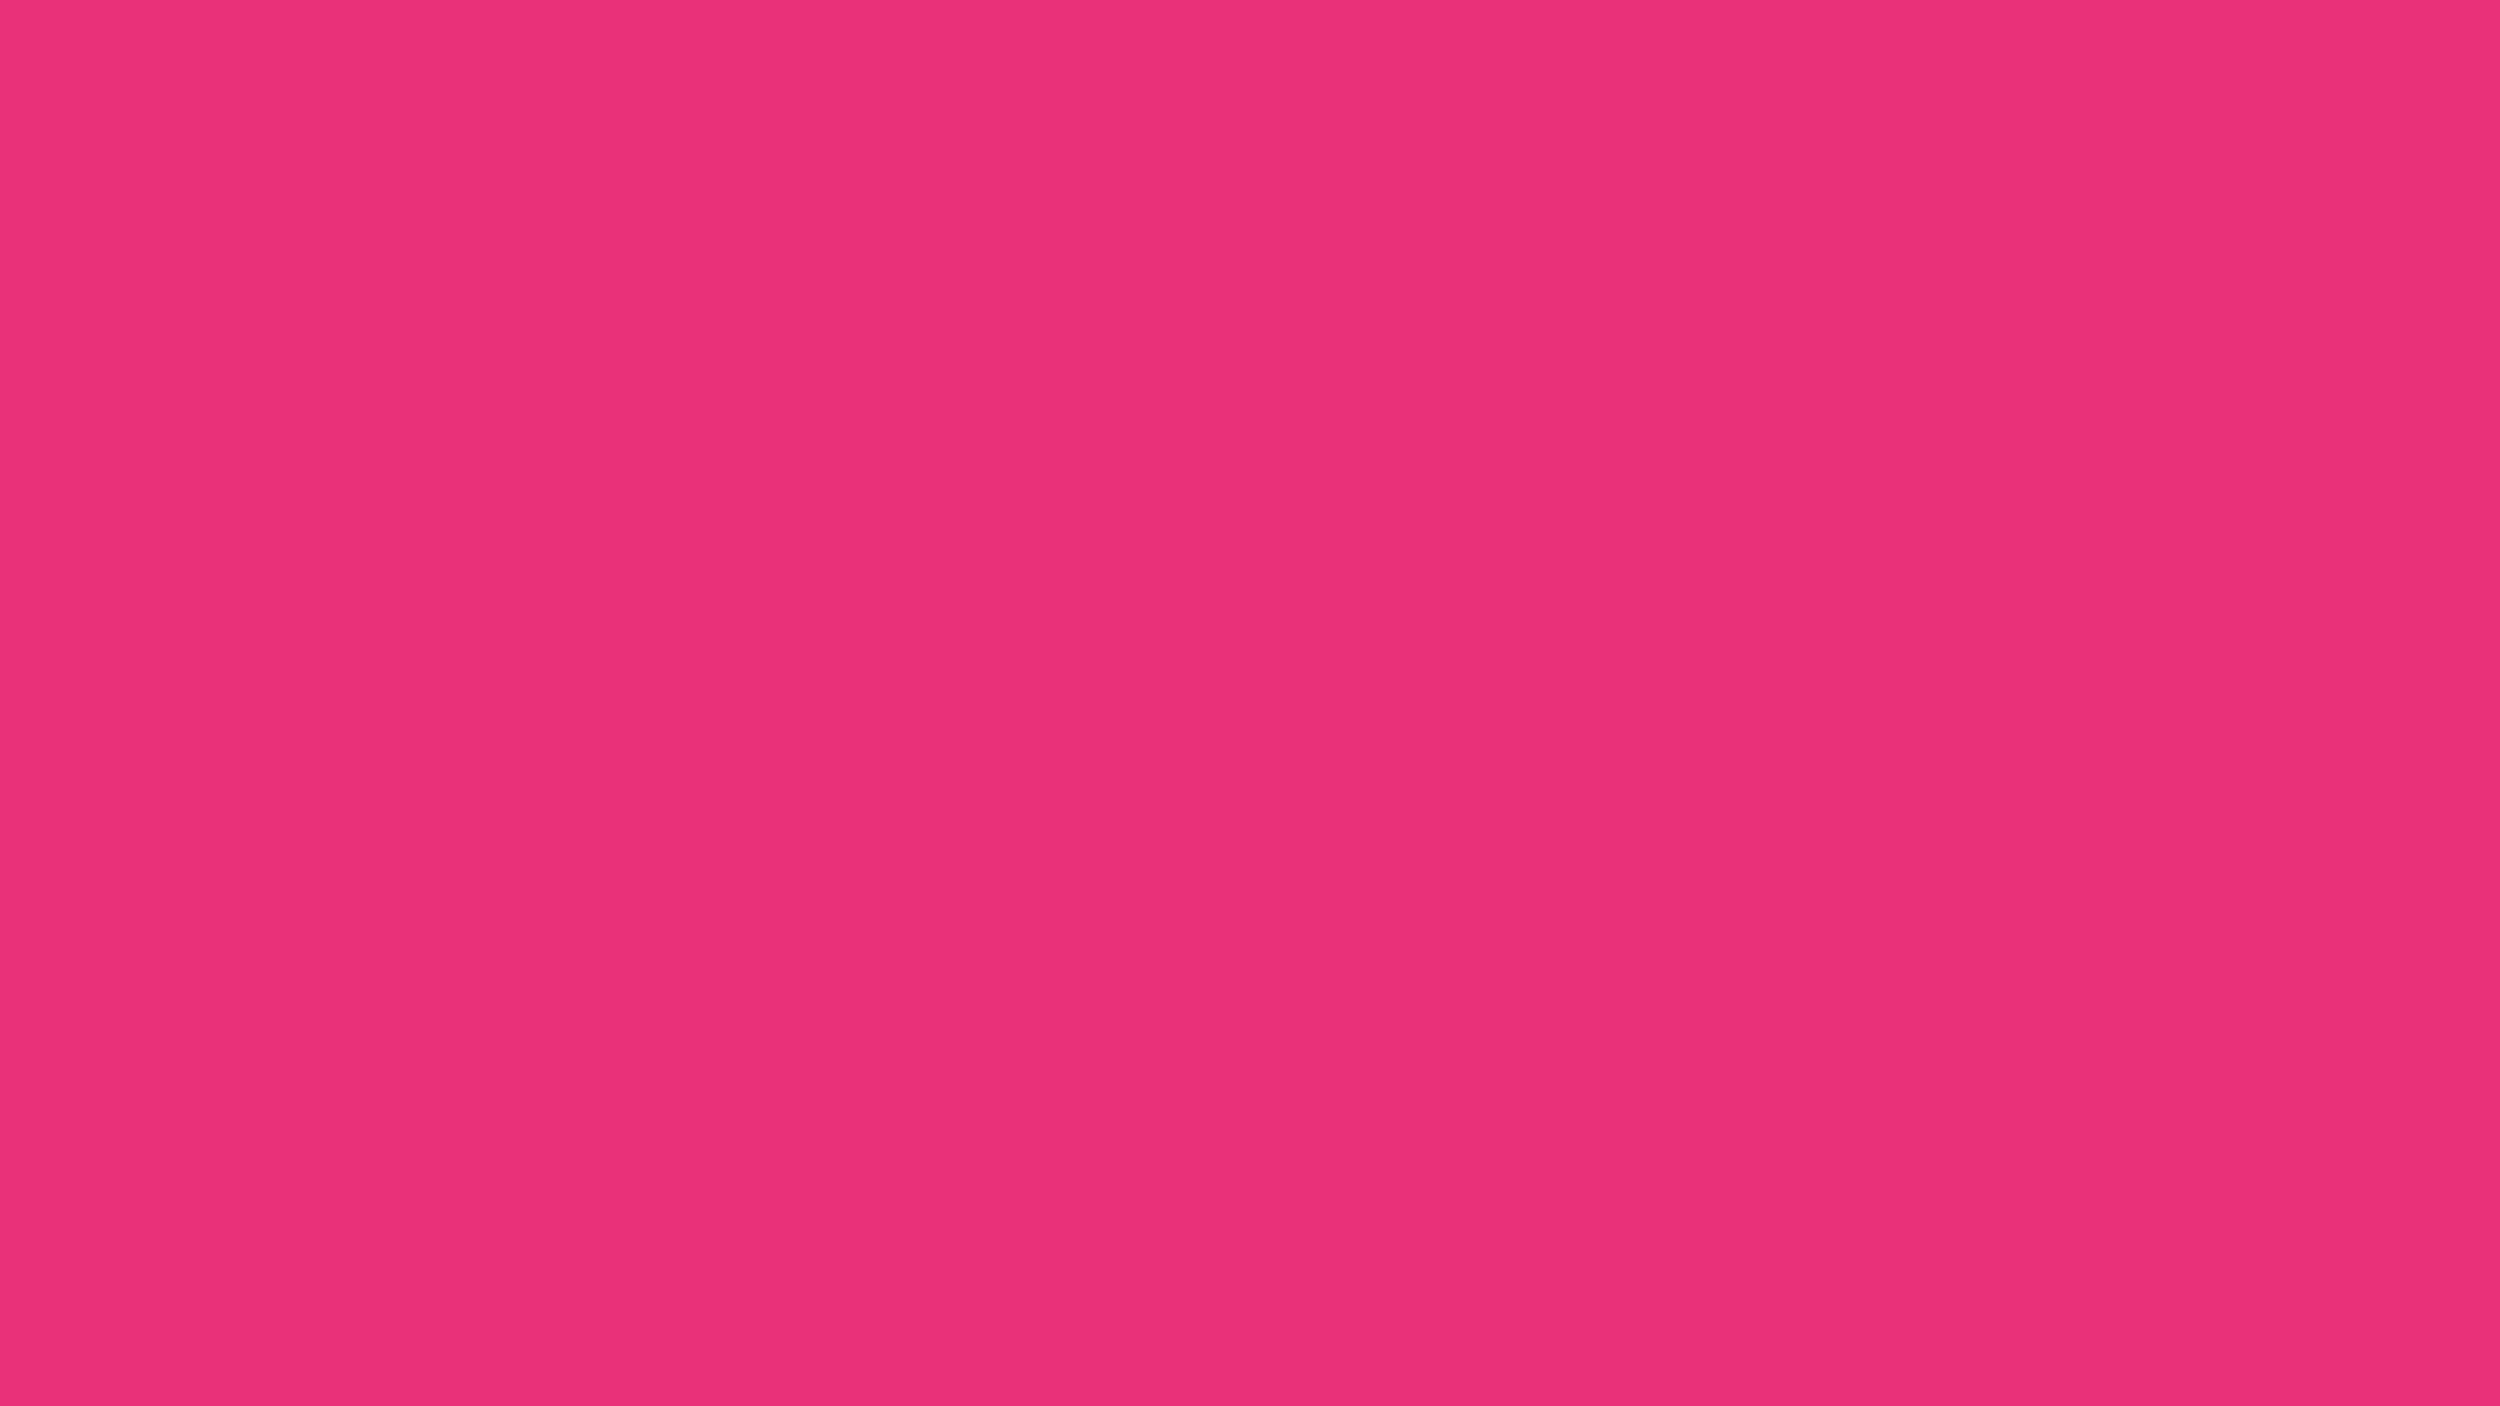 Nous avons besoin de ton AIde ! - Viens nous aider à expliquer le contenu des votations de Février 2020 et convaincre plus de personnes à s'engager dans la campagne contre les discriminations